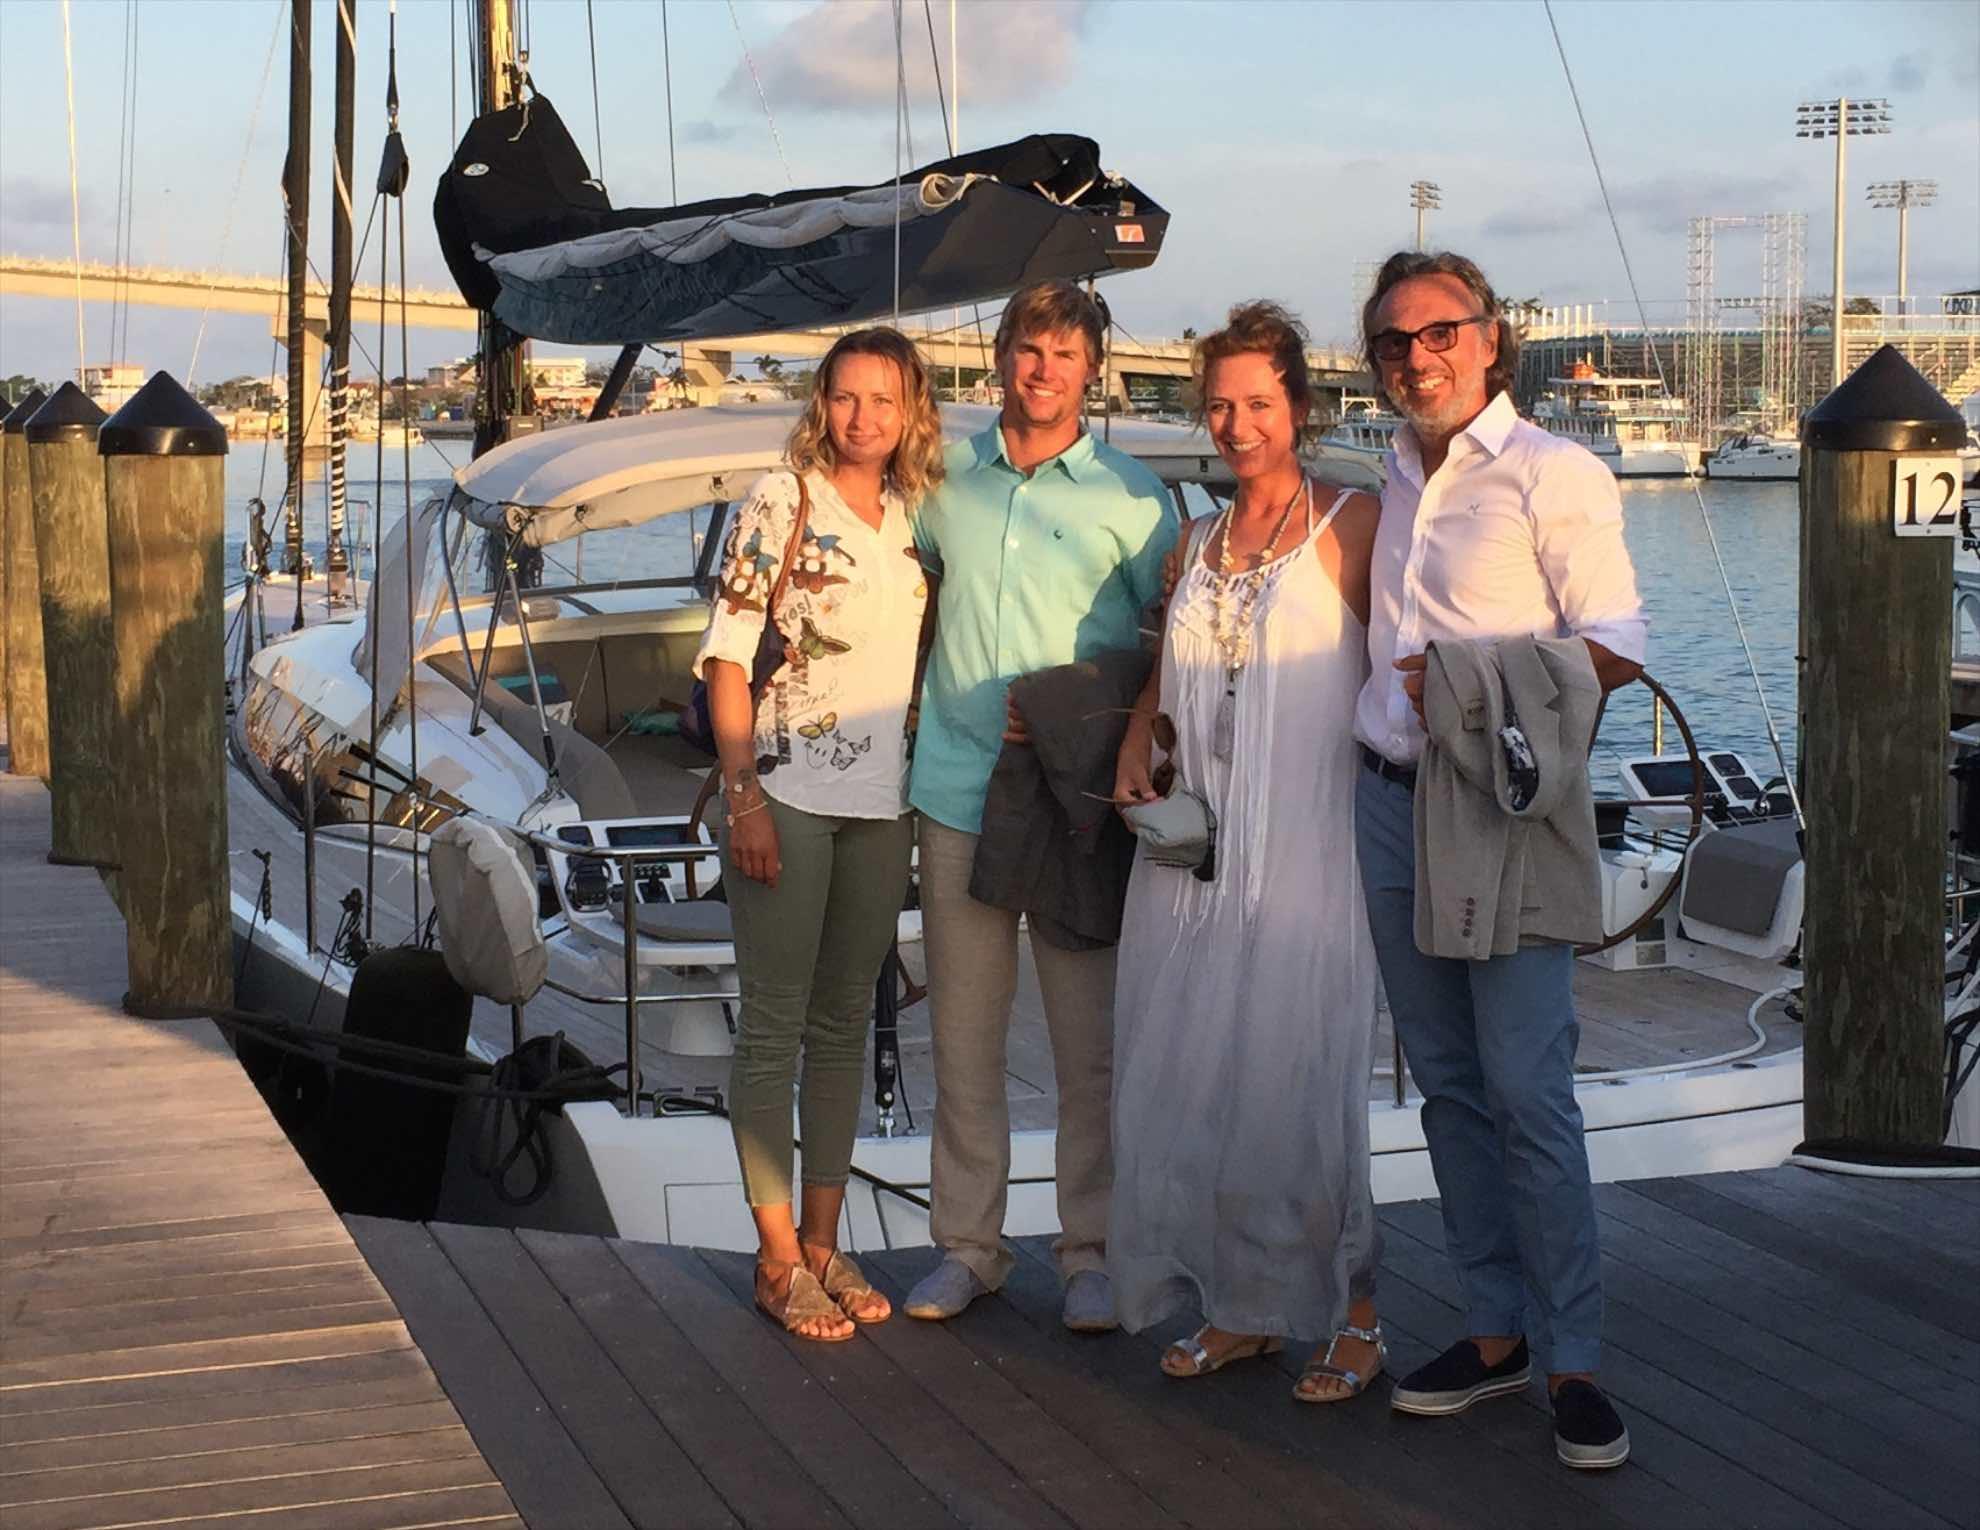 Wir genießen den letzten milden Abend zusammen mit der Crew Ryan und Veronika.